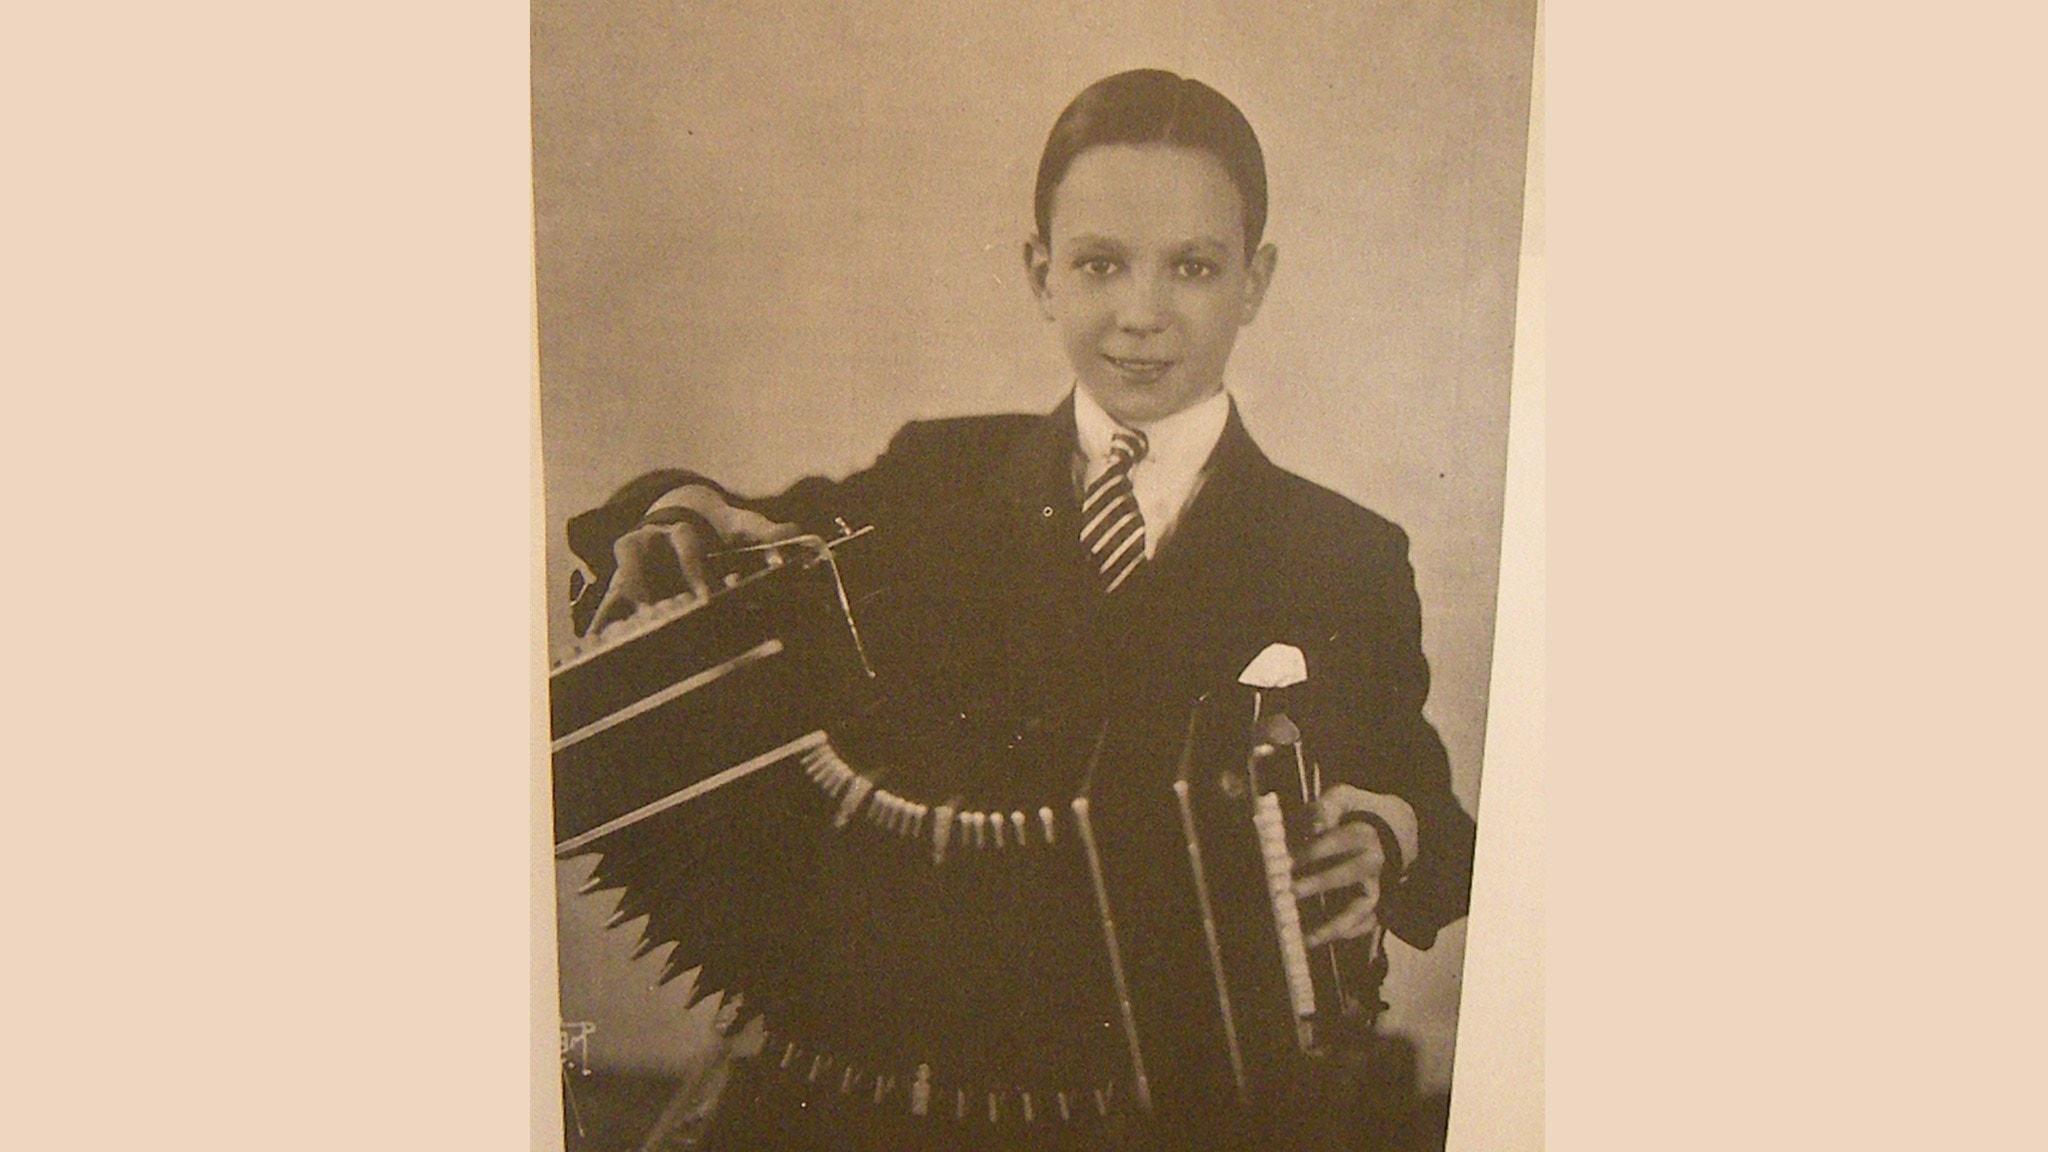 Astor Piazzolla 11 år, med sin första bandoneón. H. Ferrer, El libro del tango, 1970